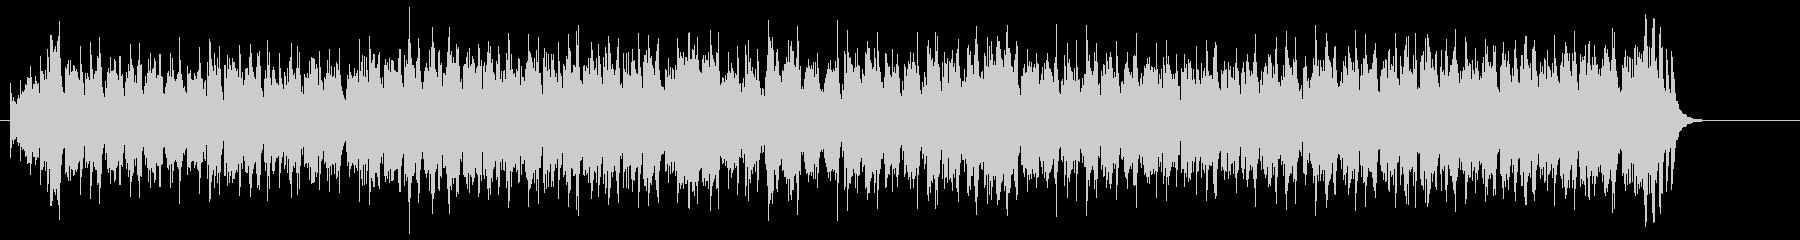 ちょっと明るめのリフレイン・ポップスの未再生の波形